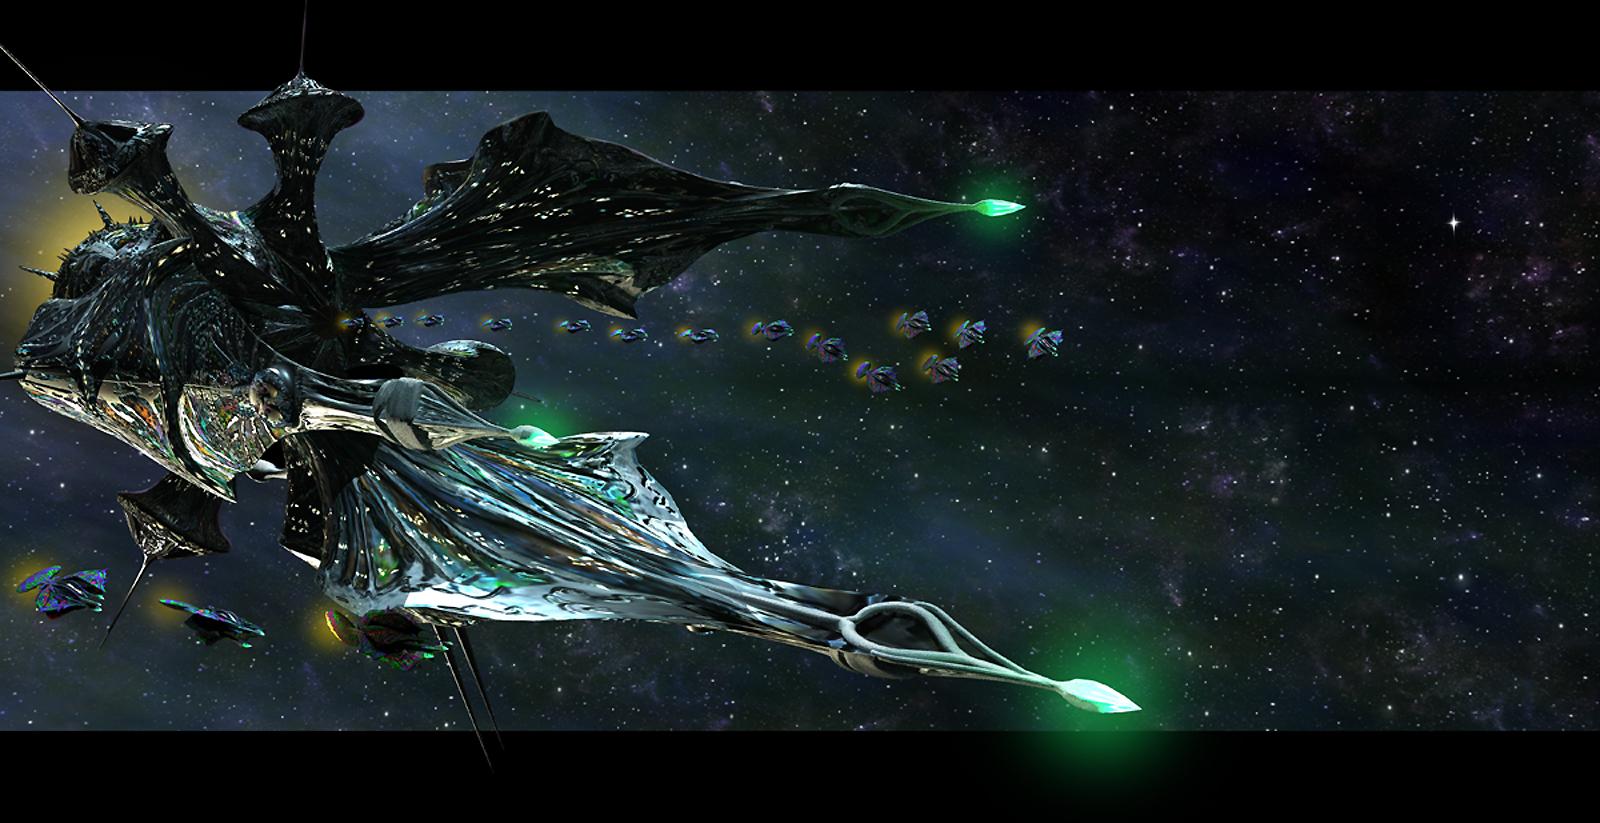 wallpaper_render_alien_carrier.jpg